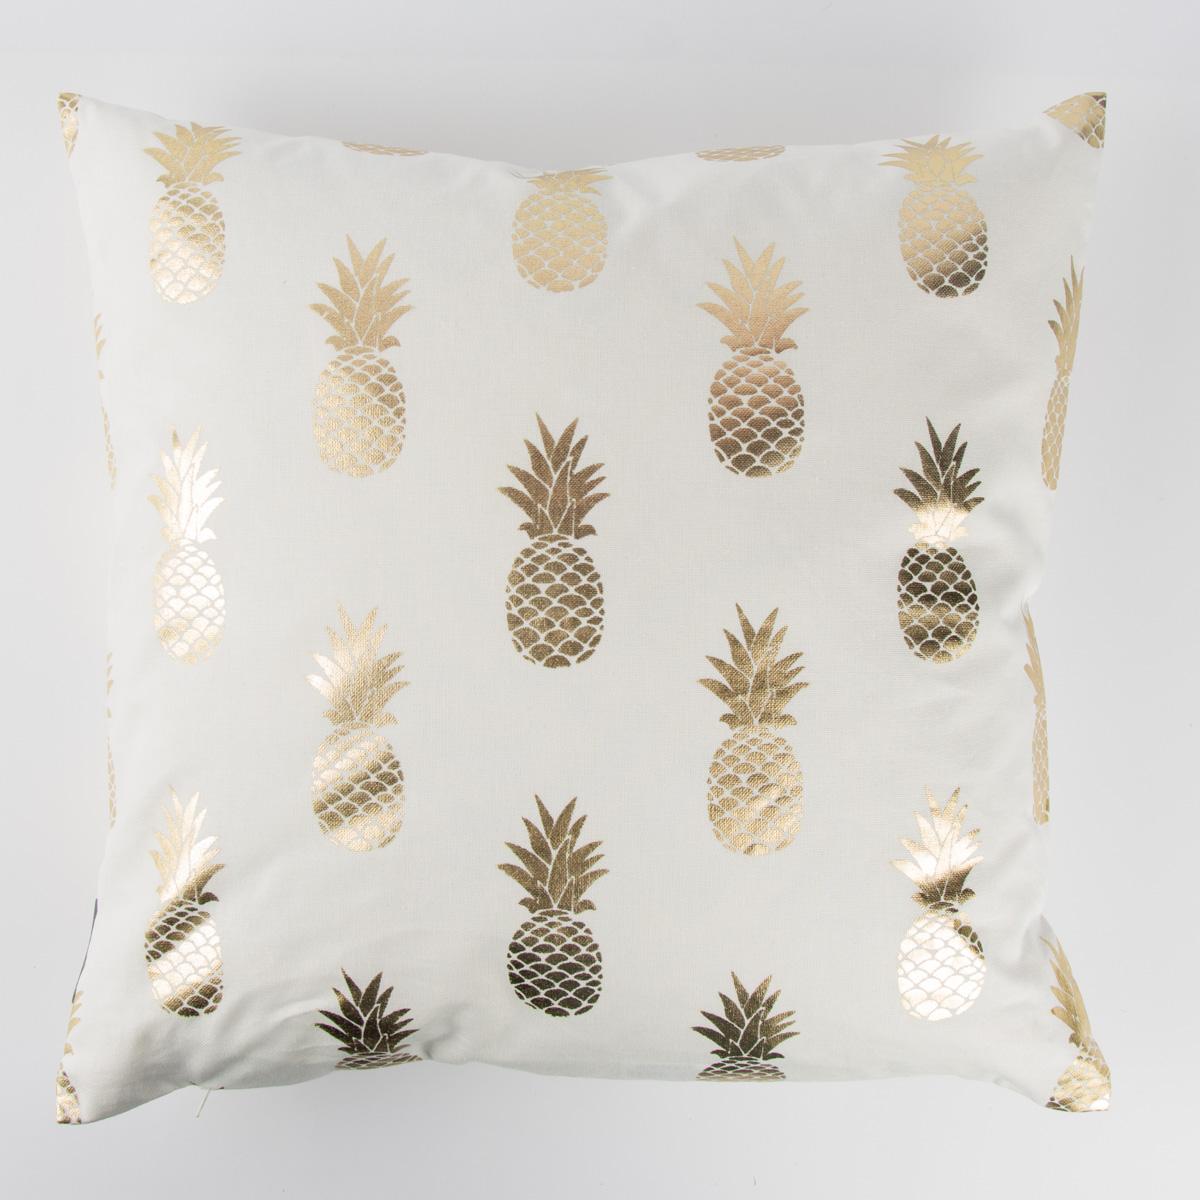 SCHÖNER LEBEN. Kissenhülle Ananas weiß goldfarbig metallic 50x50cm